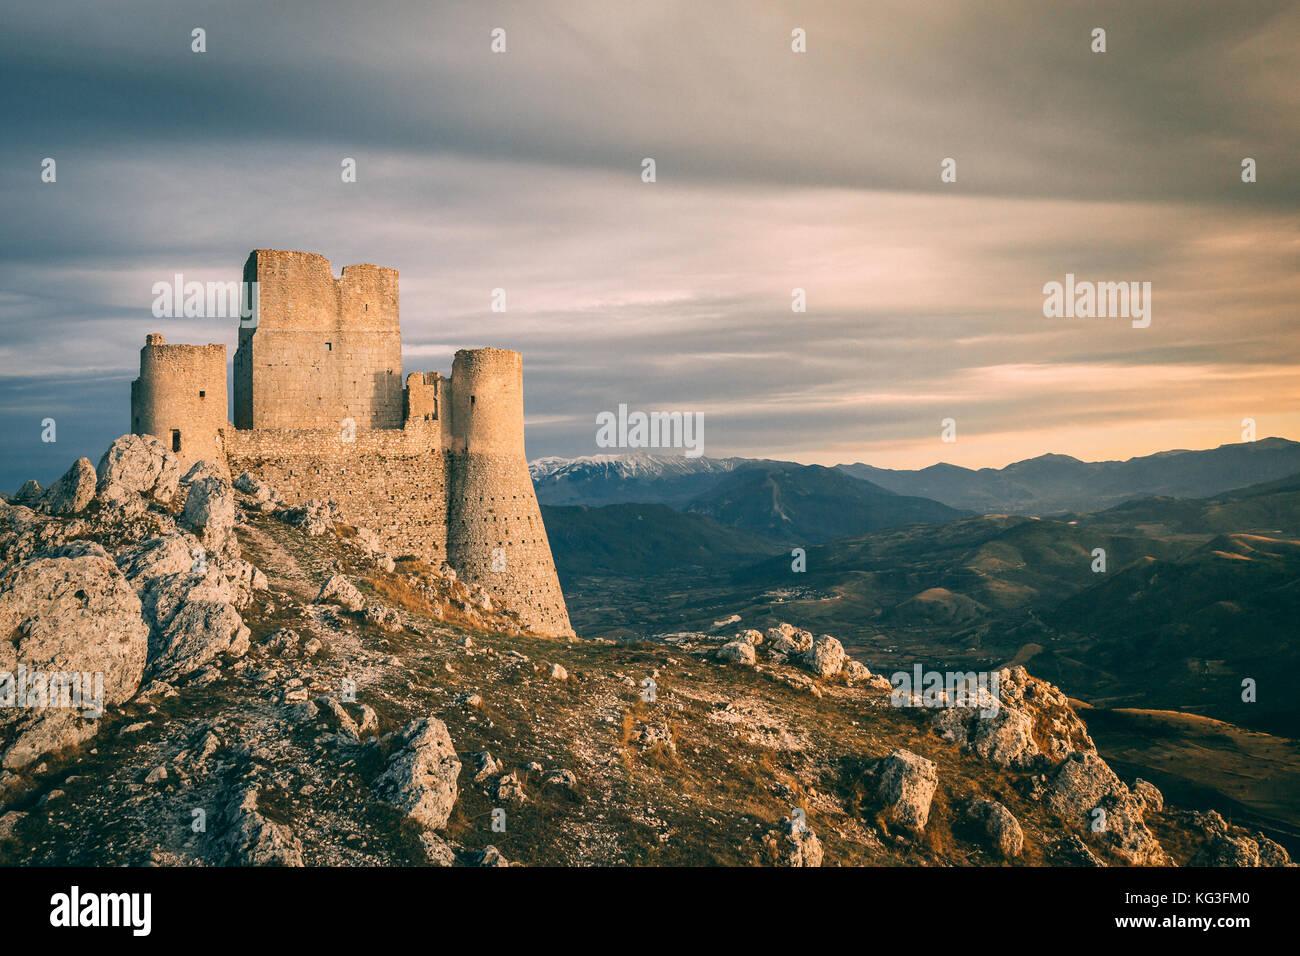 Les collines de la chaîne de montagnes des Apennins de vus de Rocca calascio, avec Santa Maria della Pietà. Photo Stock